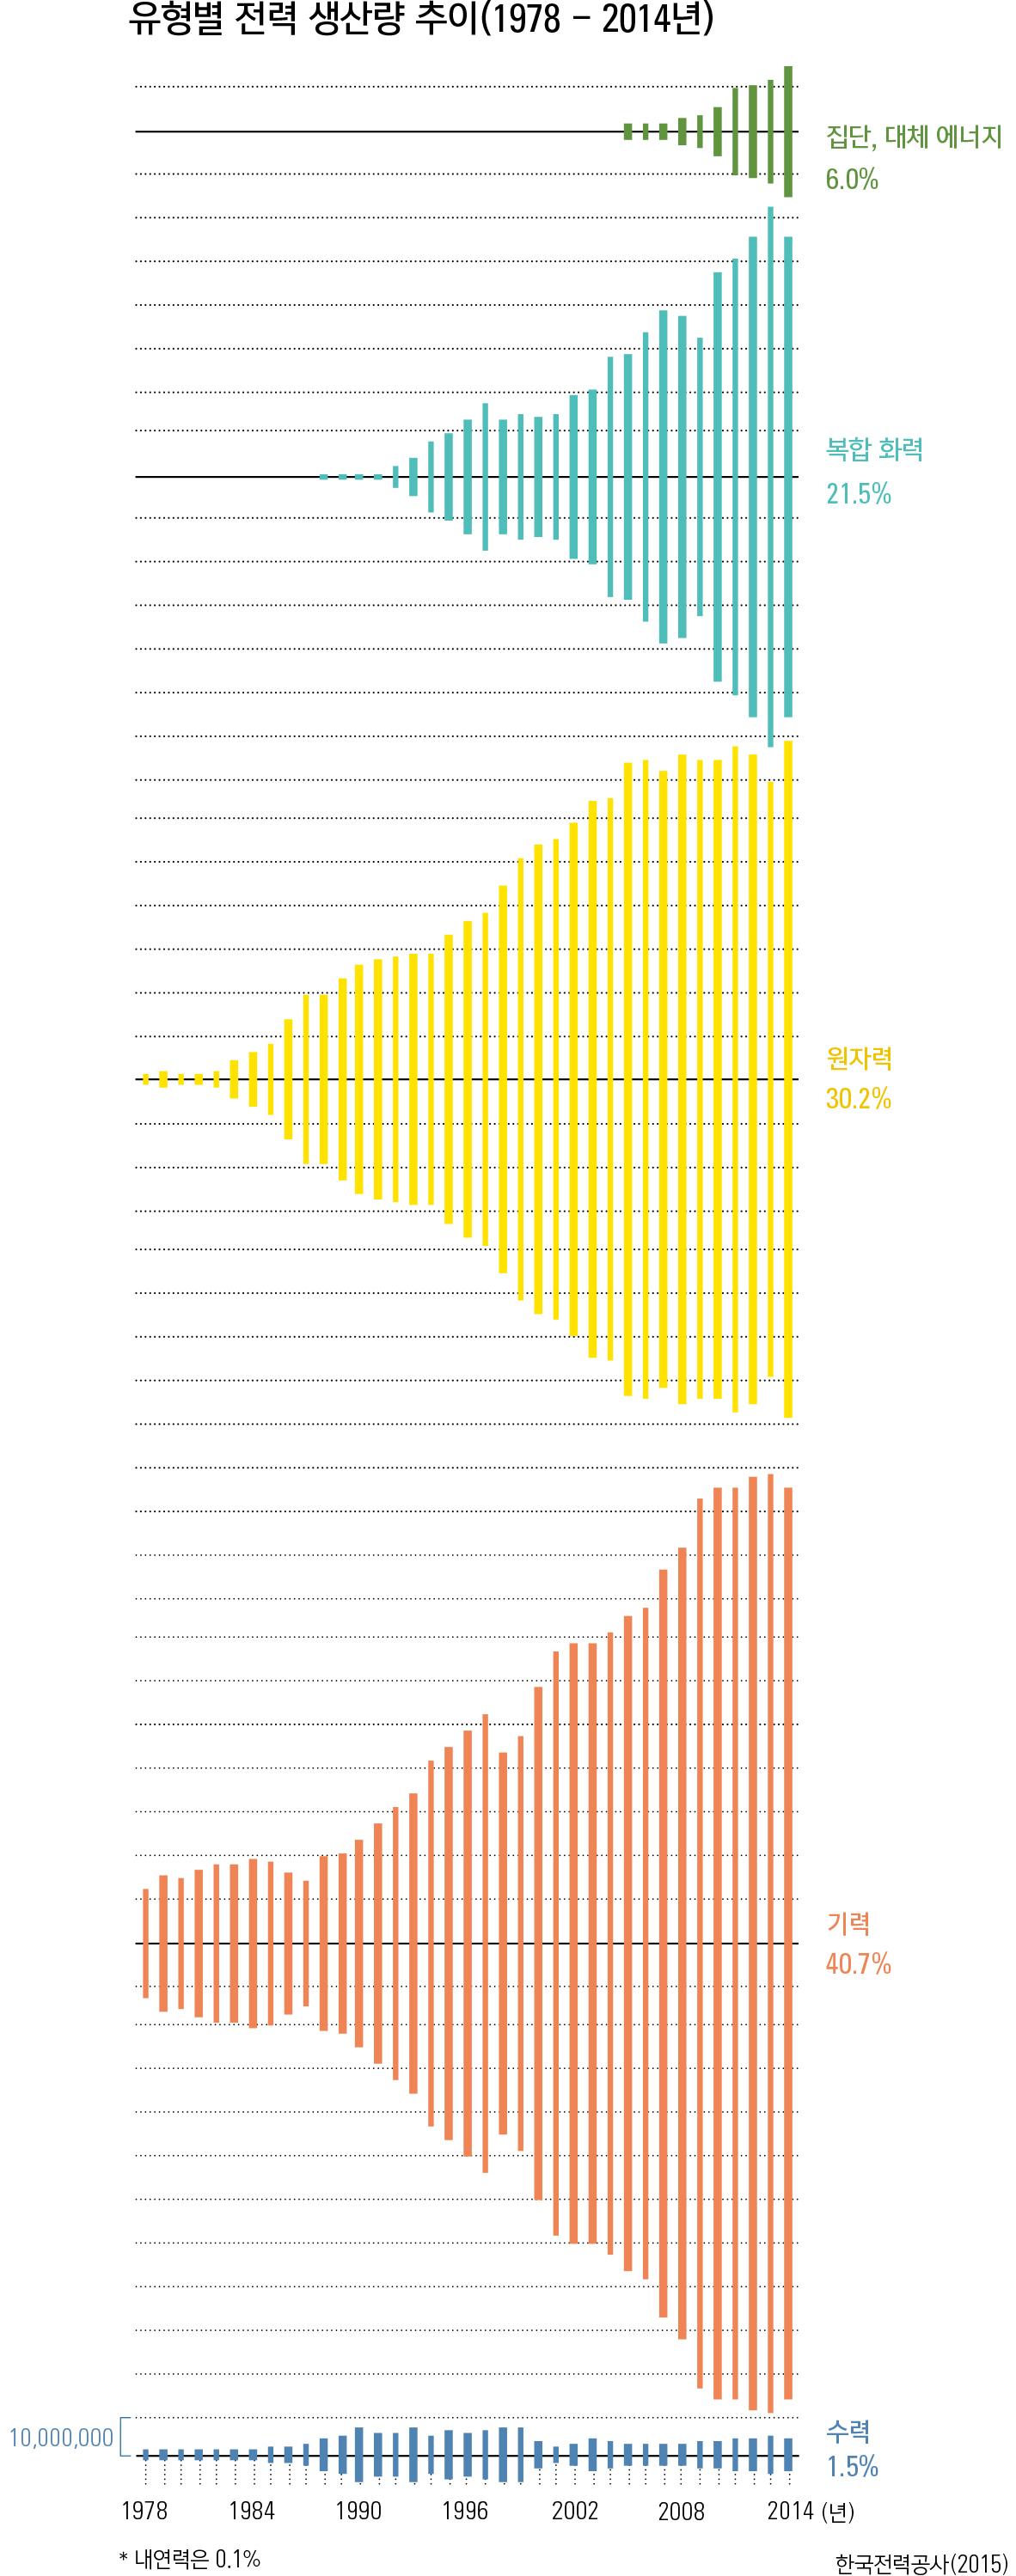 유형별 전력 생산량 추이(1978 – 2014년)